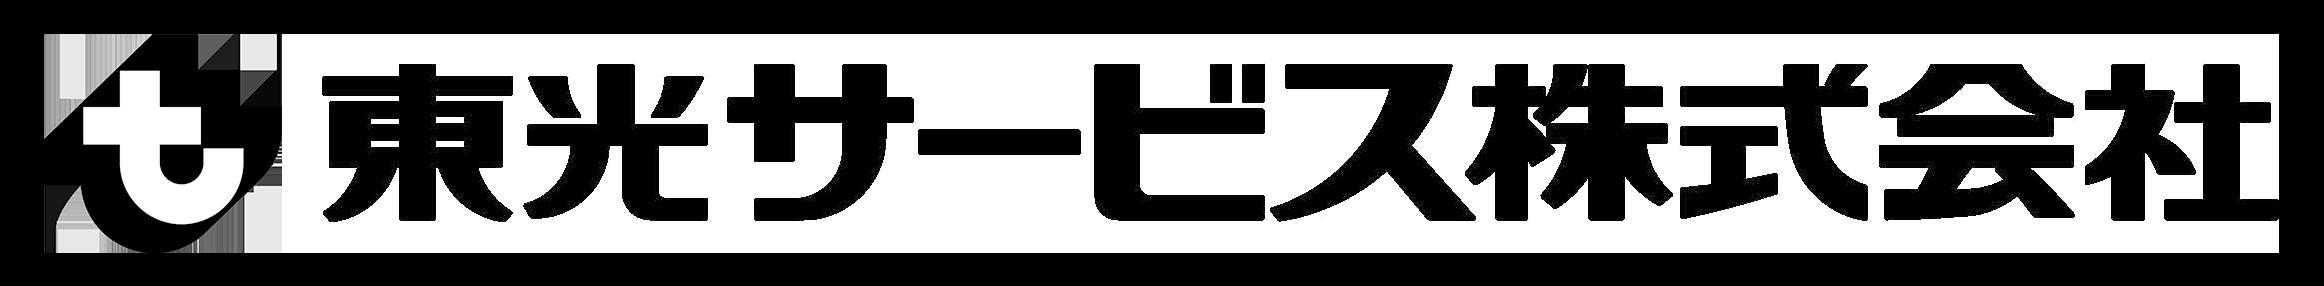 東光サービス株式会社|電源|コネクタ|半導体|輸入 企画 開発 販売